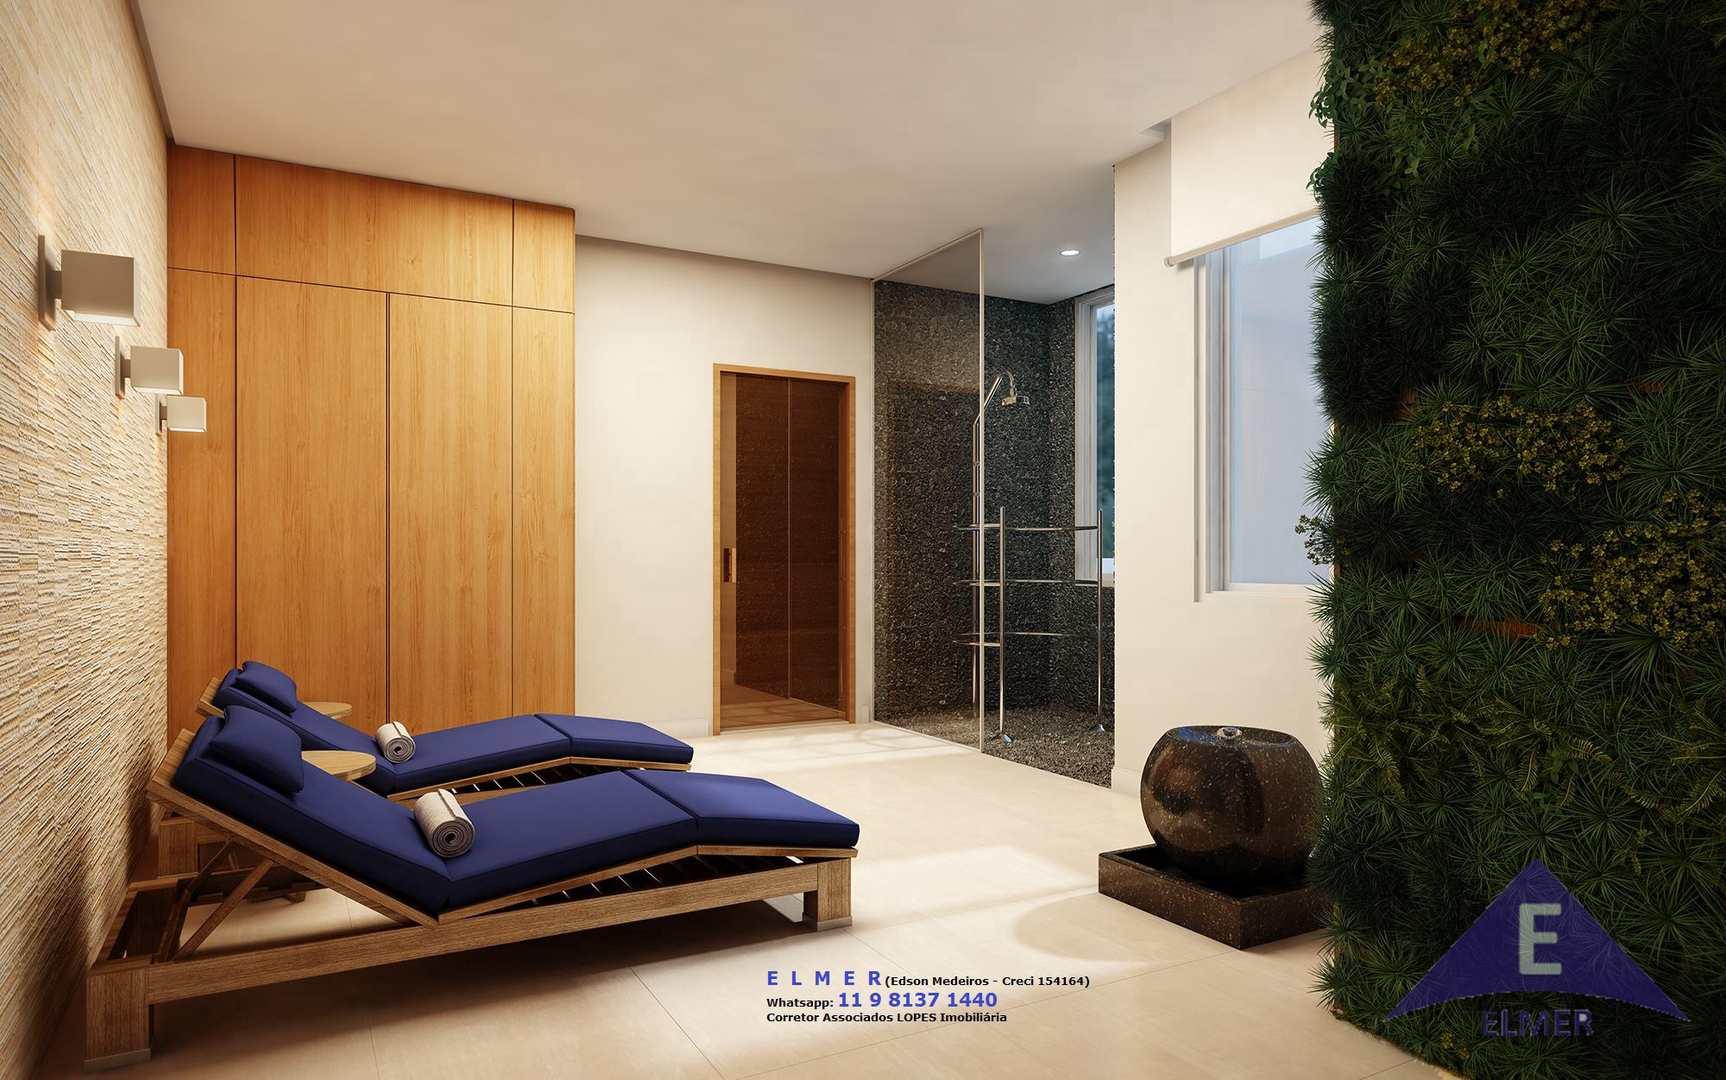 Descanso - Sauna - Elmer